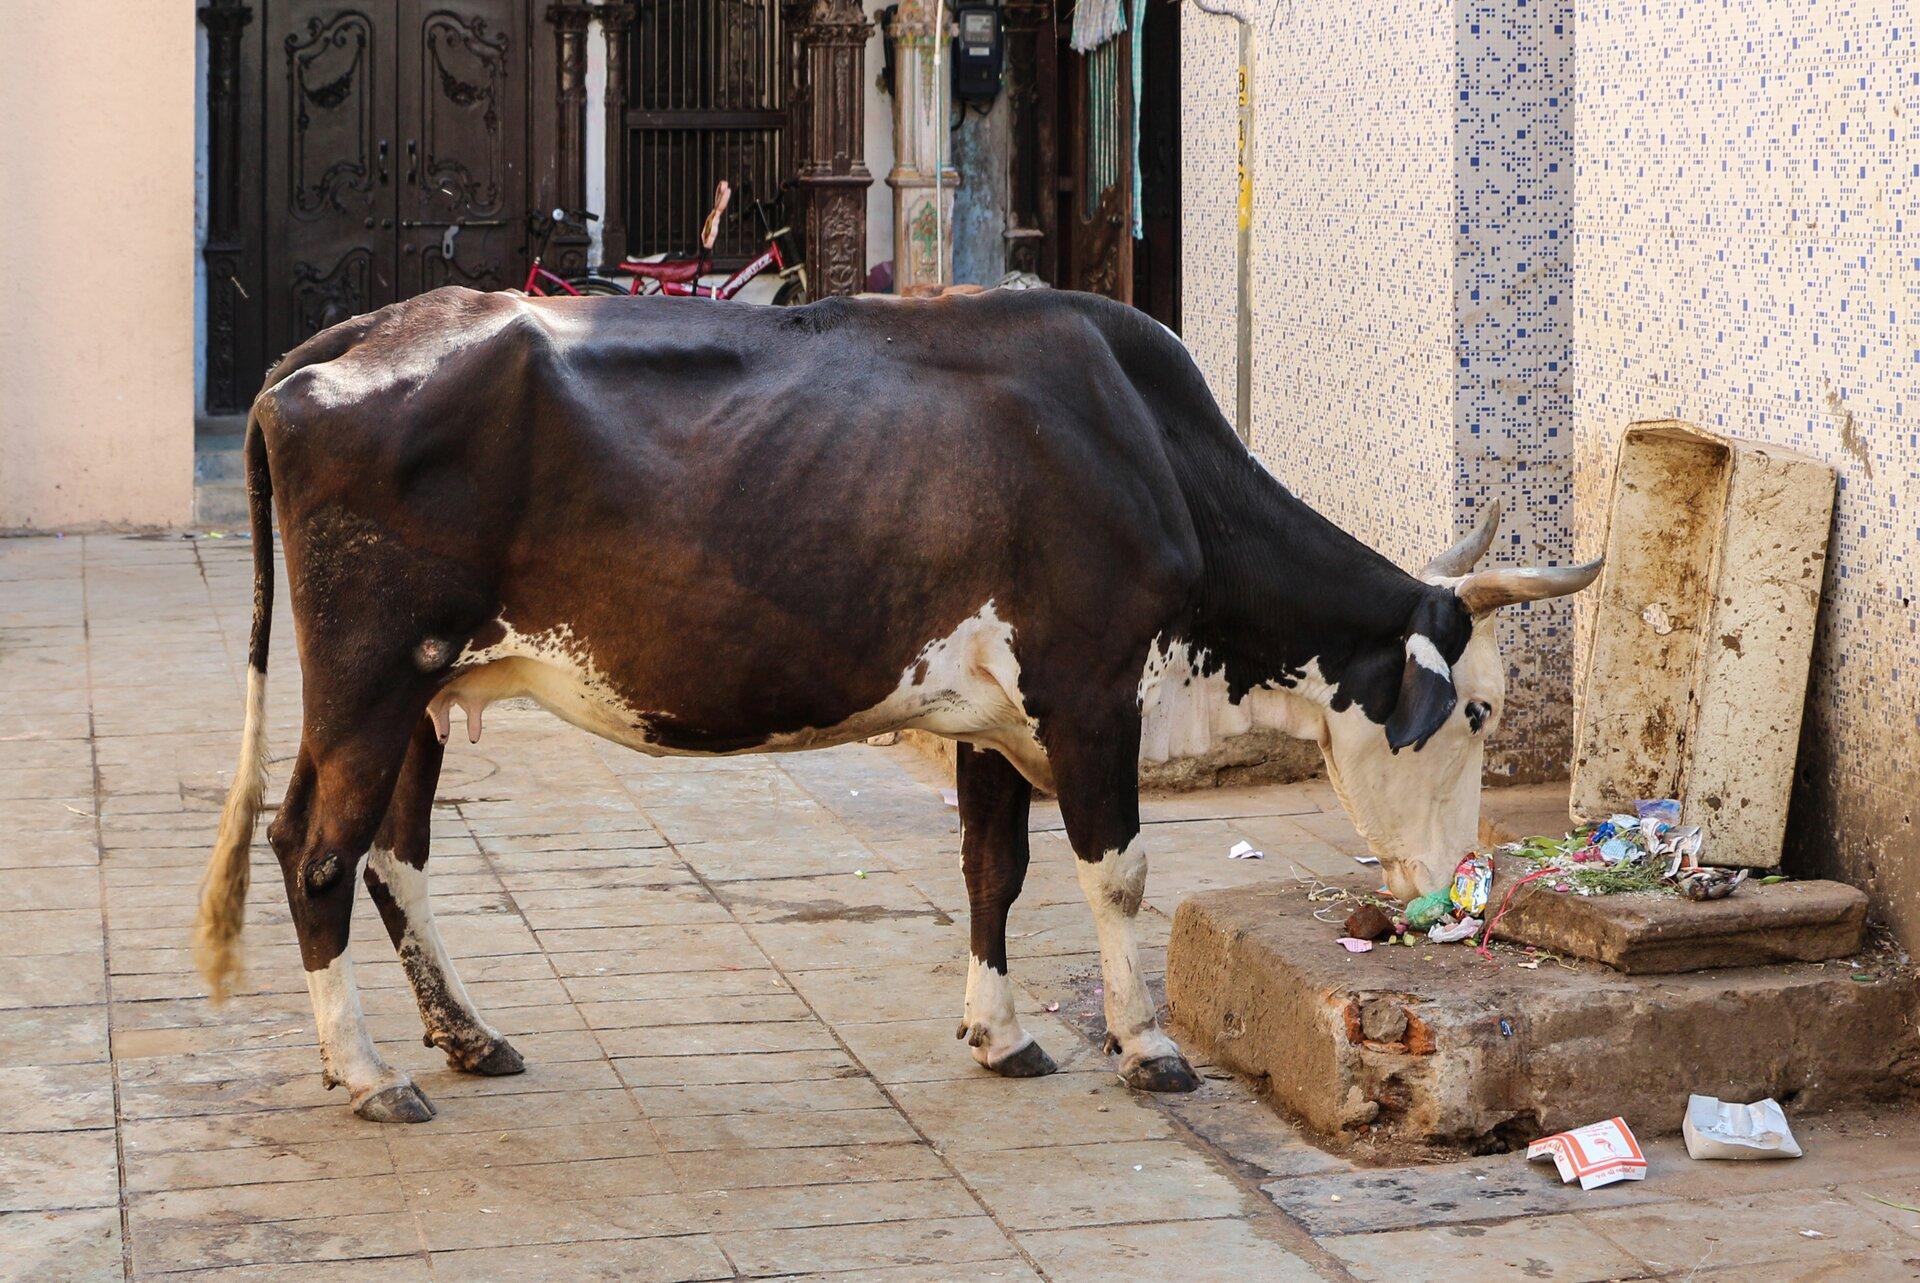 Na zdjęciu biało-czarna chuda krowa zjadająca resztki wyrzucone na ulicę.